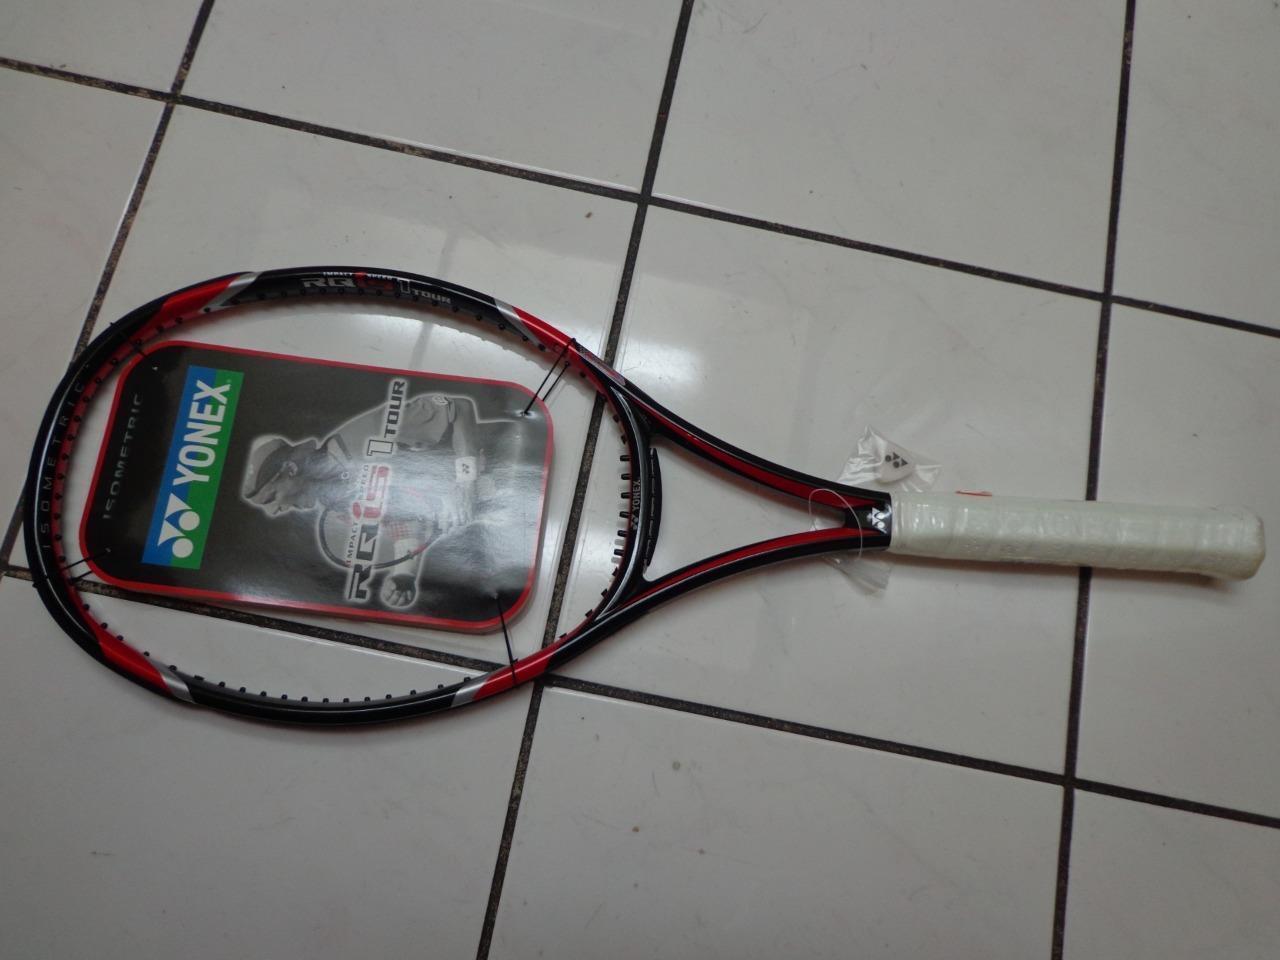 NEW Yonex RQ IS 1 Tour 95 head 16x18 4 1 4 grip 295 grams Tennis Racquet